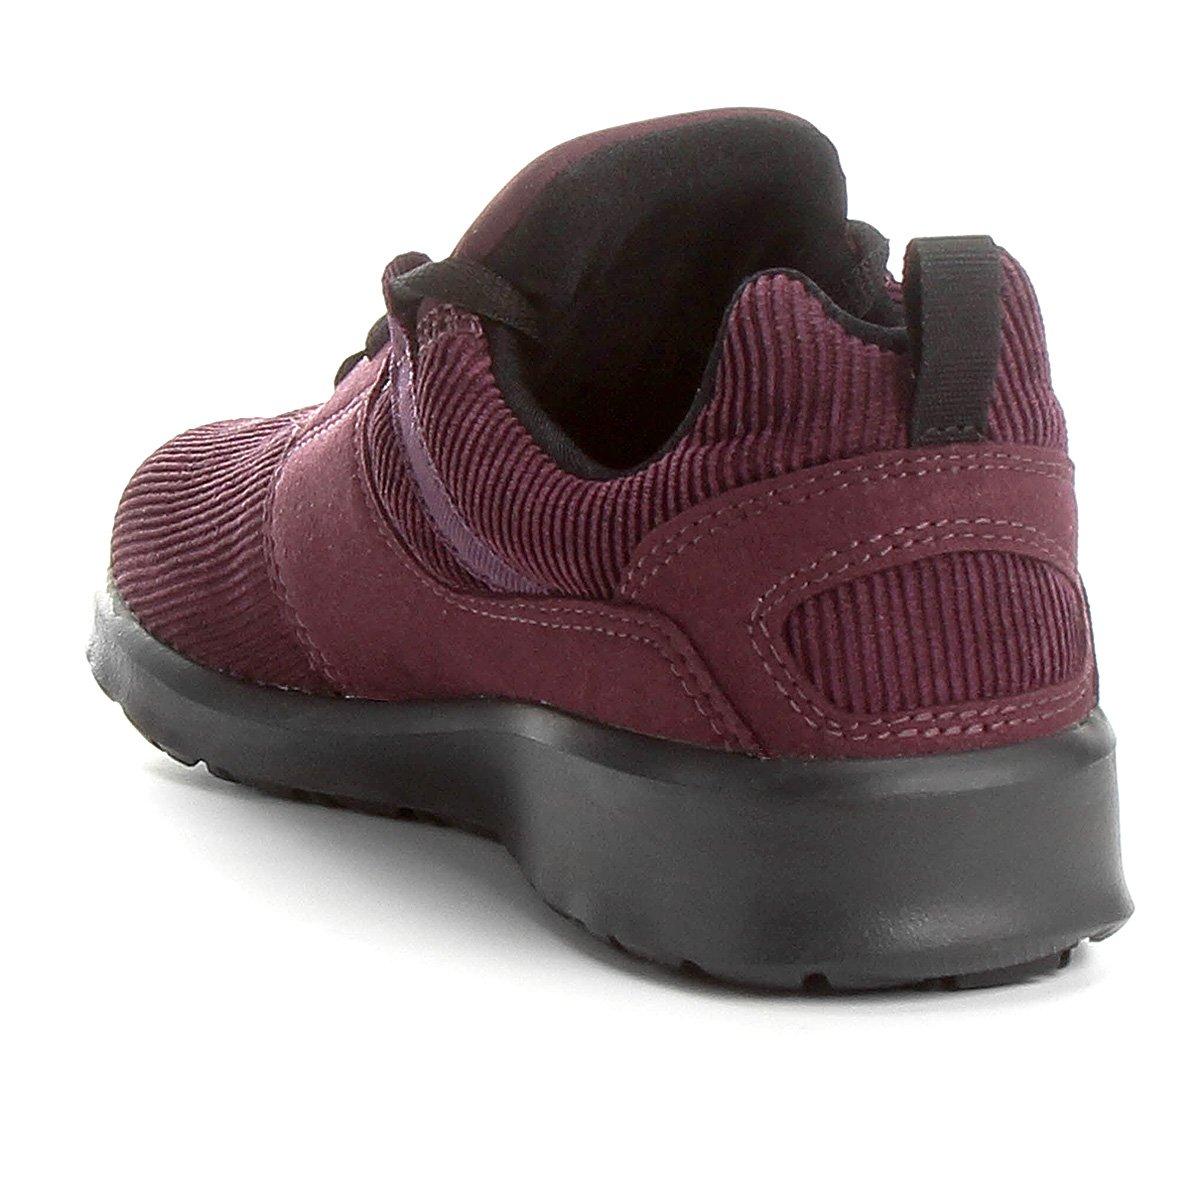 4e98c3c1d Tênis DC Shoes Heathrow Tx Se Feminino   Livelo -Sua Vida com Mais ...